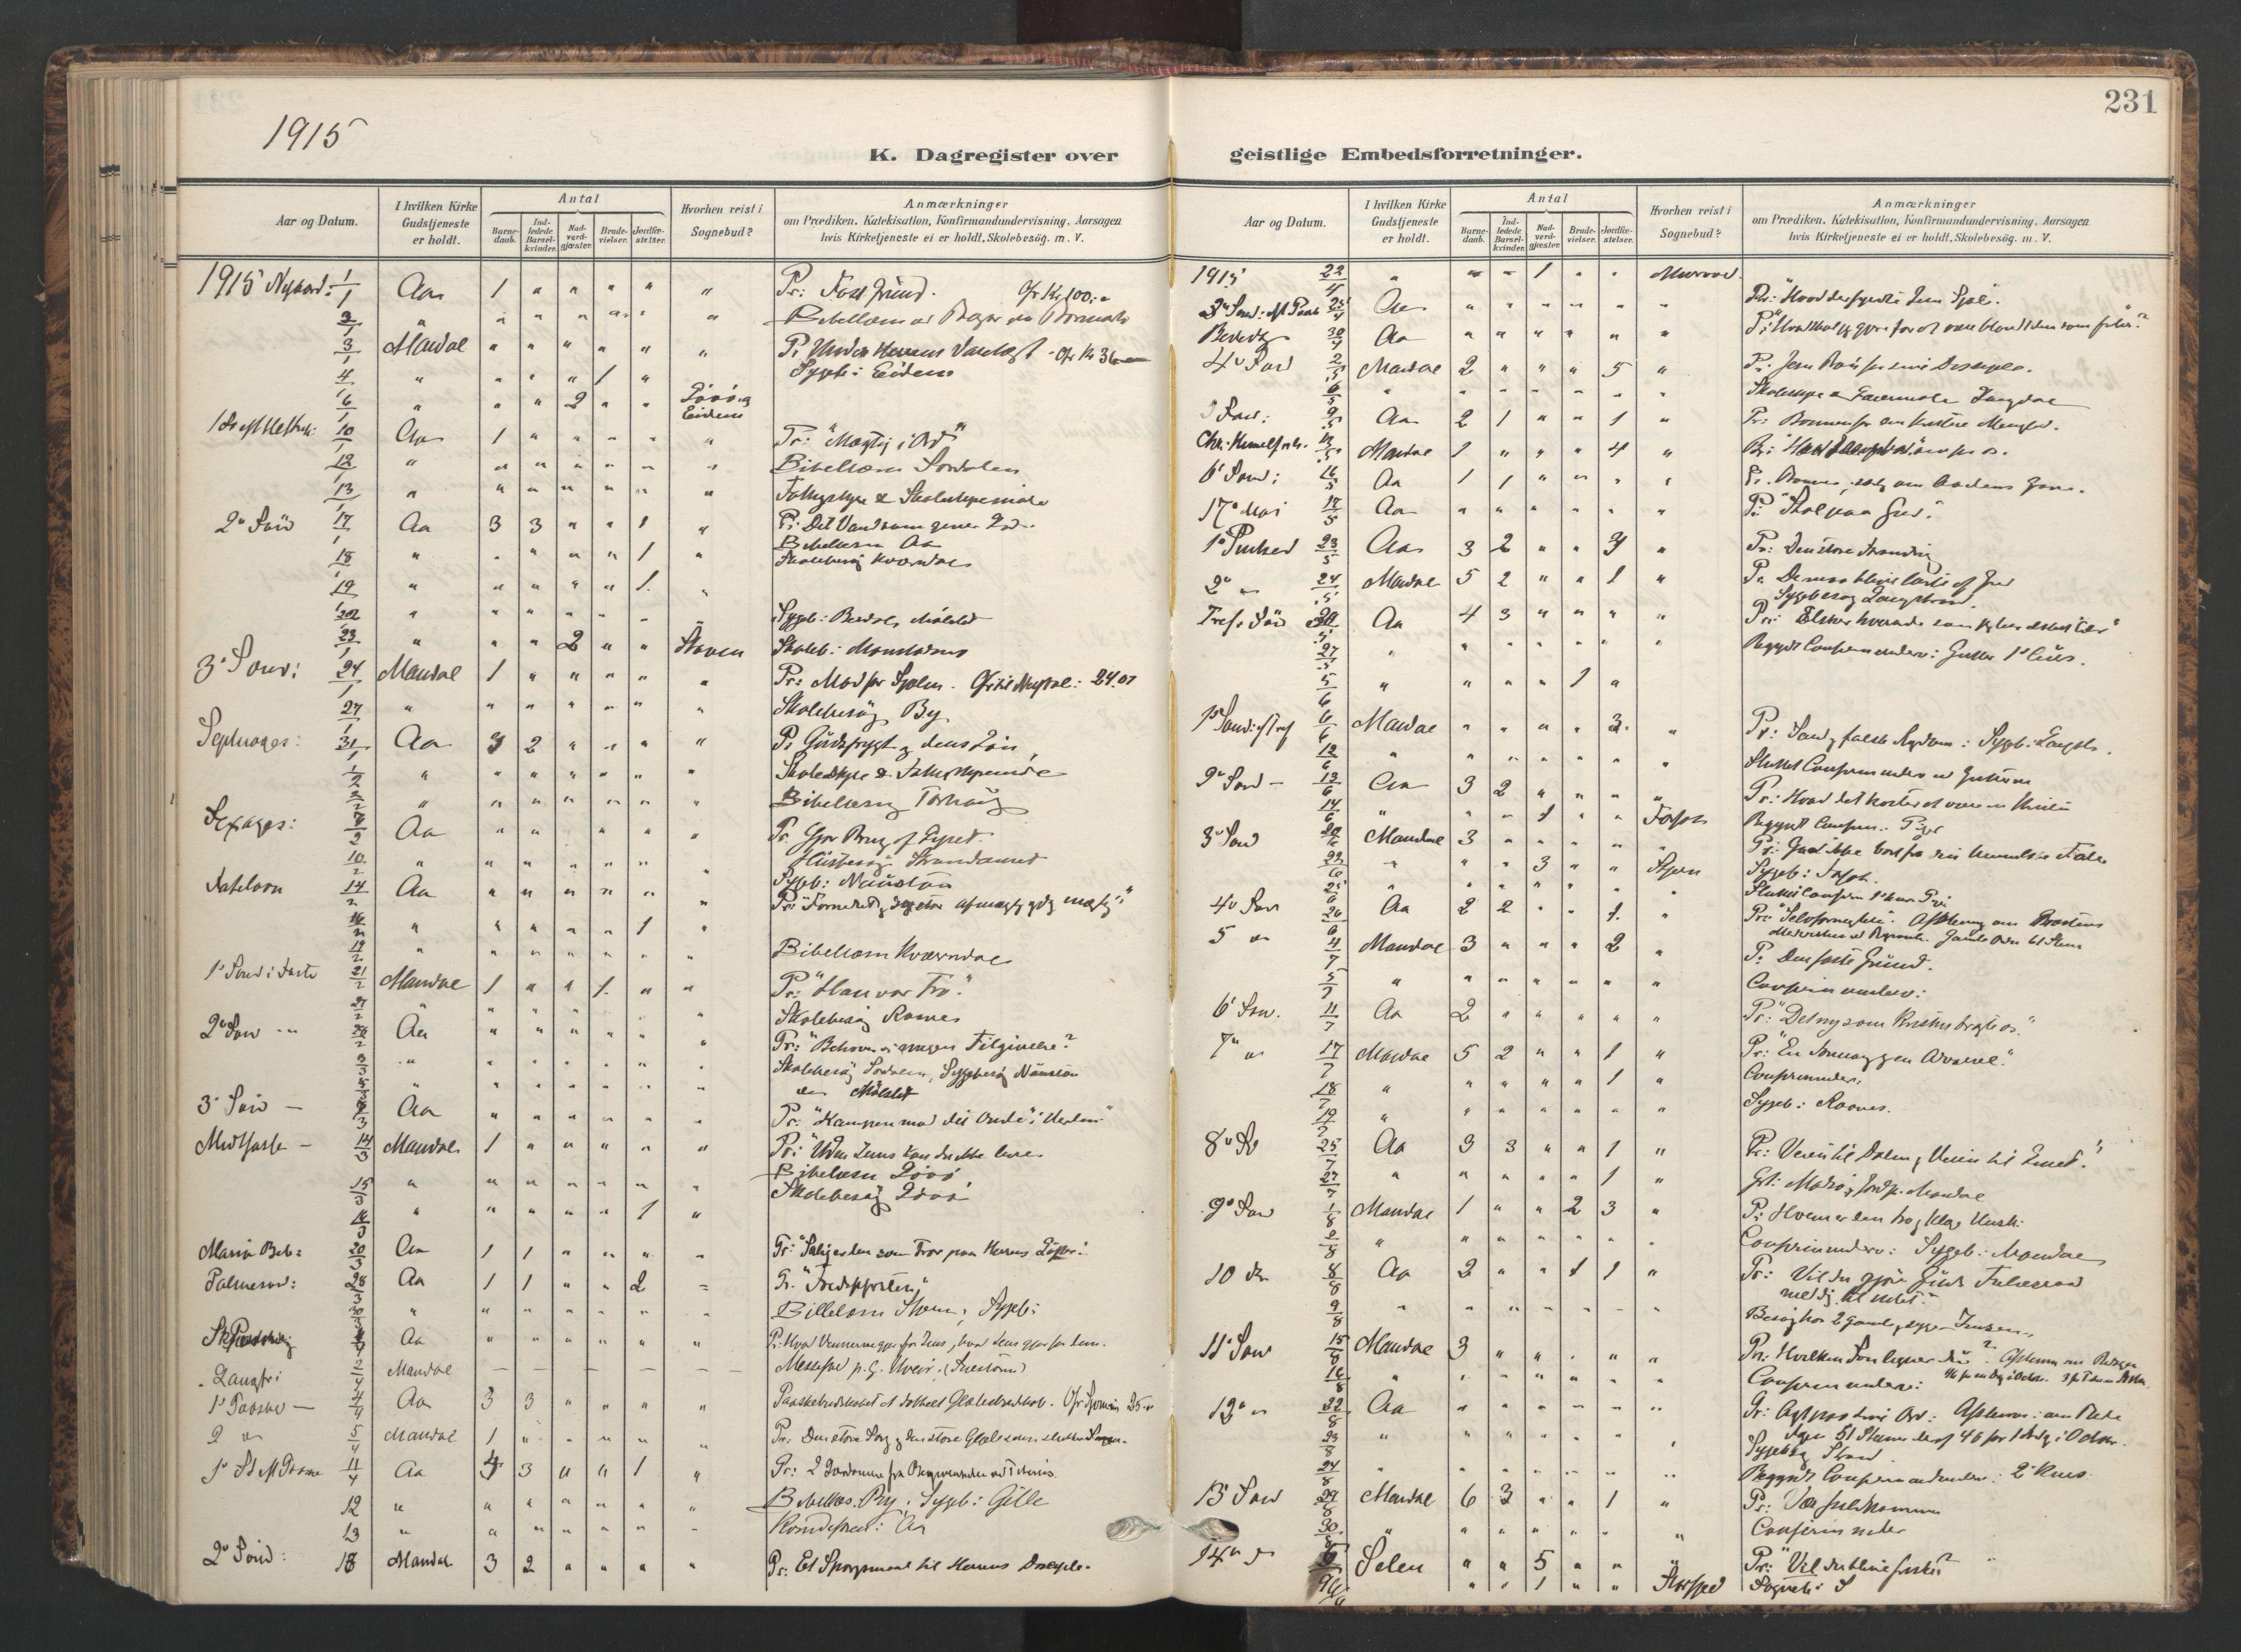 SAT, Ministerialprotokoller, klokkerbøker og fødselsregistre - Sør-Trøndelag, 655/L0682: Ministerialbok nr. 655A11, 1908-1922, s. 231